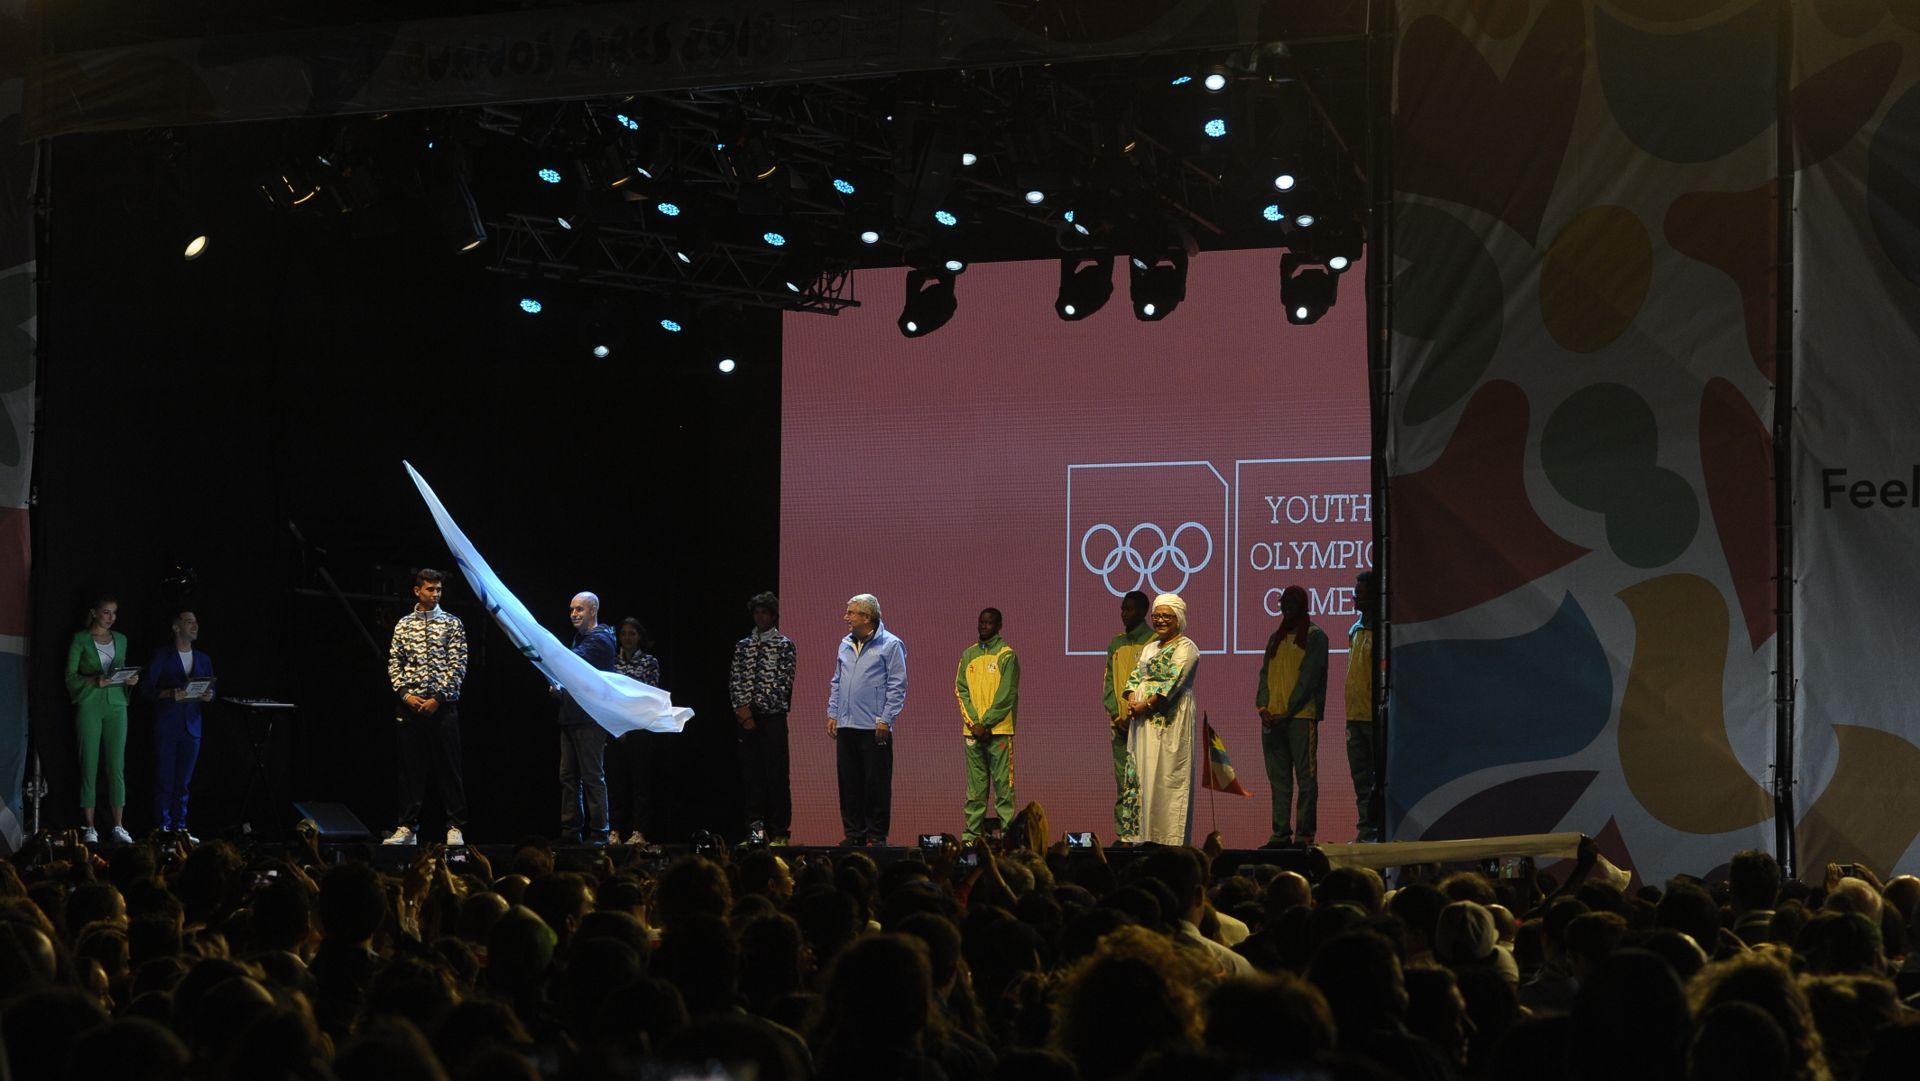 Los deportistas argentinos le trasladaron la bandera olímpica a la delegación de Senegal (Patricio Murphy)